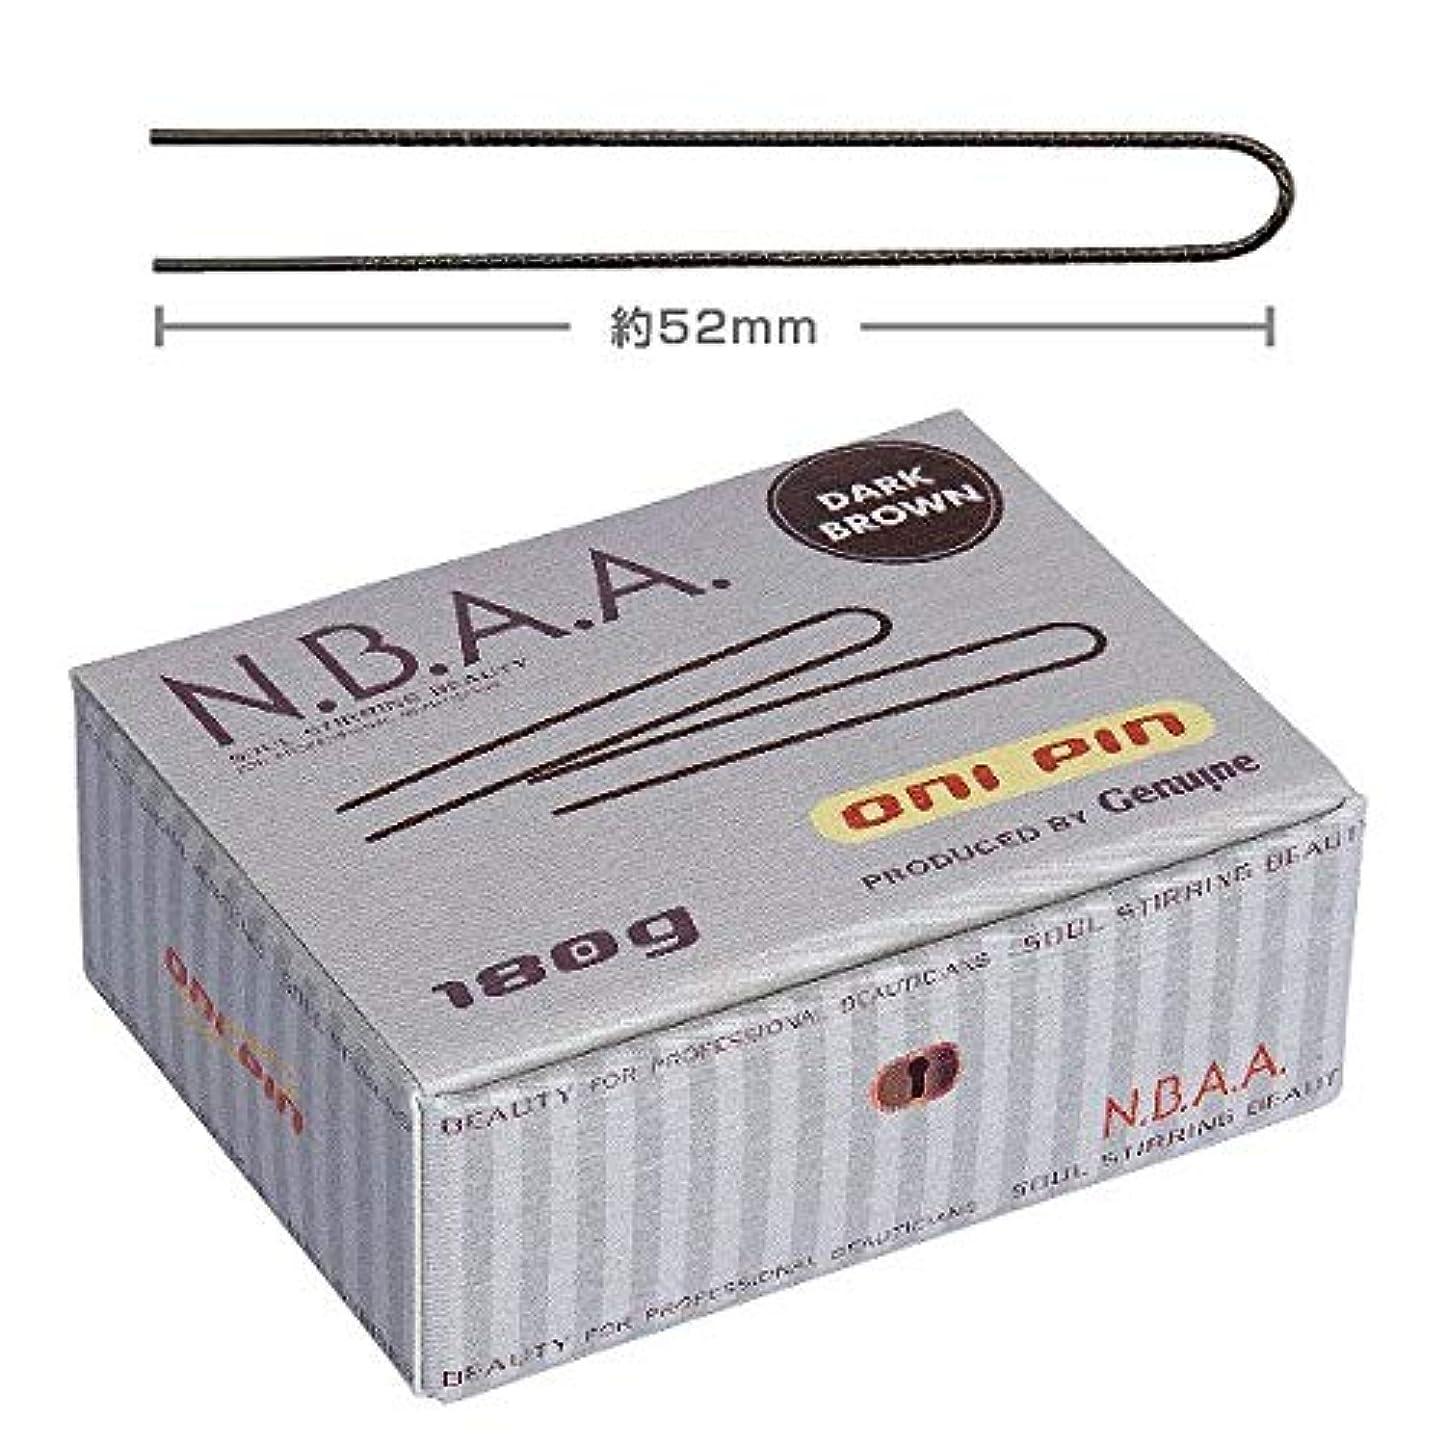 レディ落胆する上へNB-P06 NBAA.オニピン 180g ダークブラウン